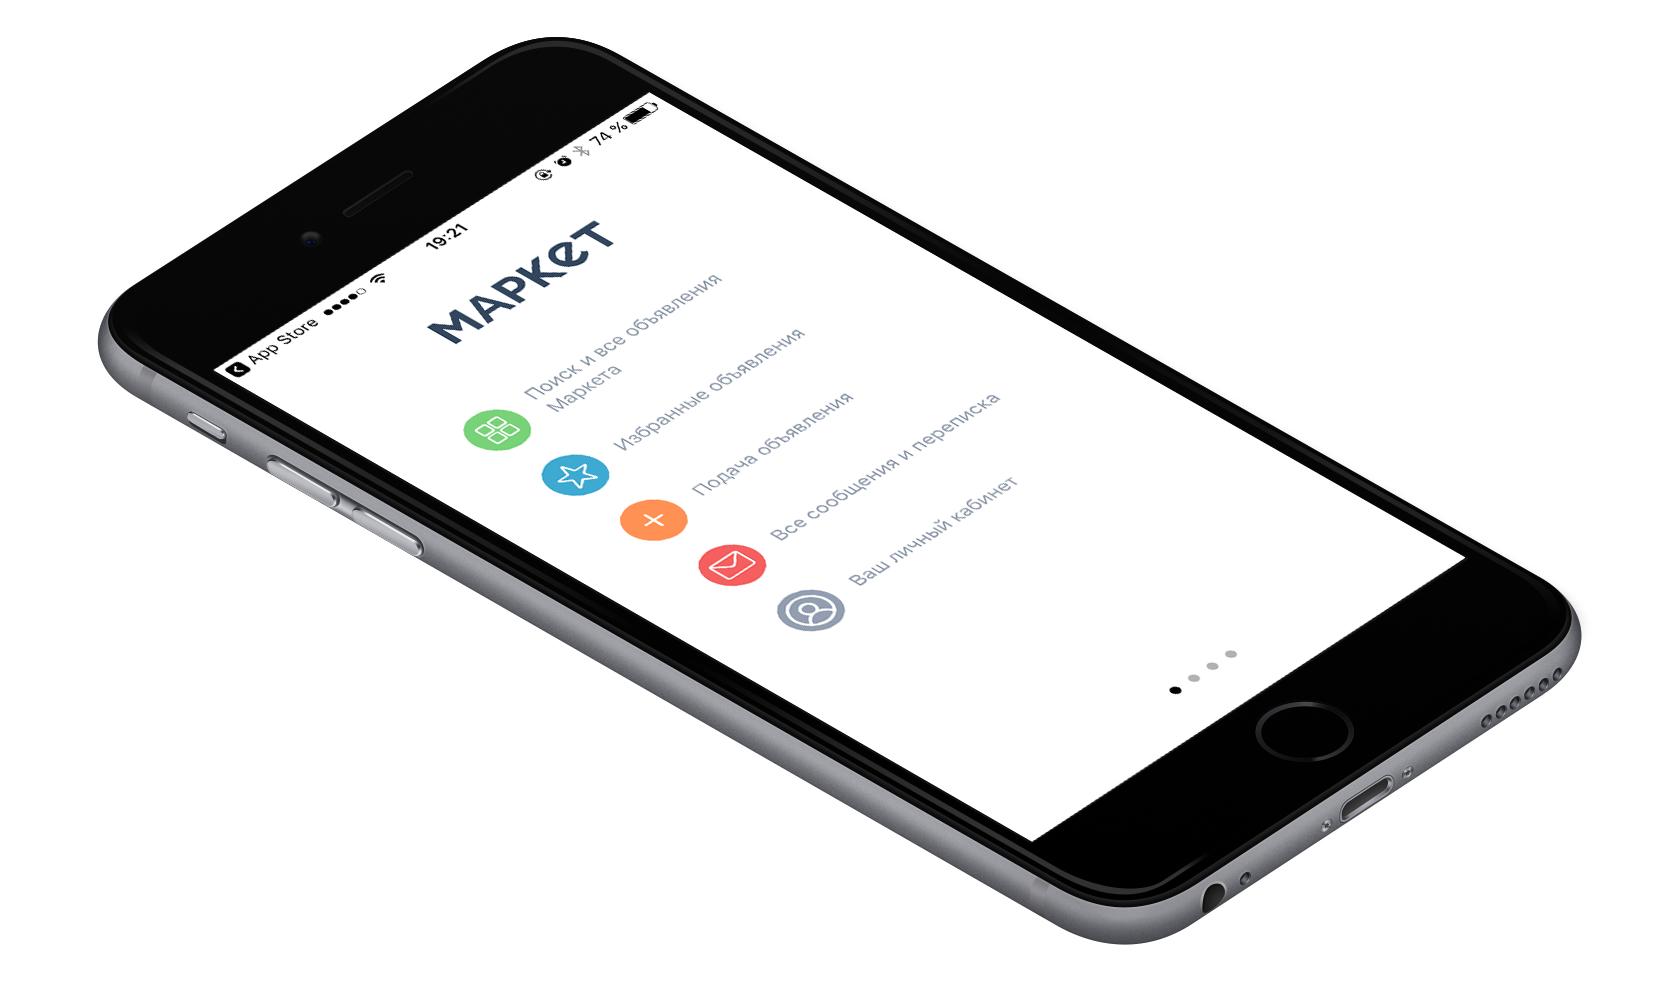 Market.kz iOS